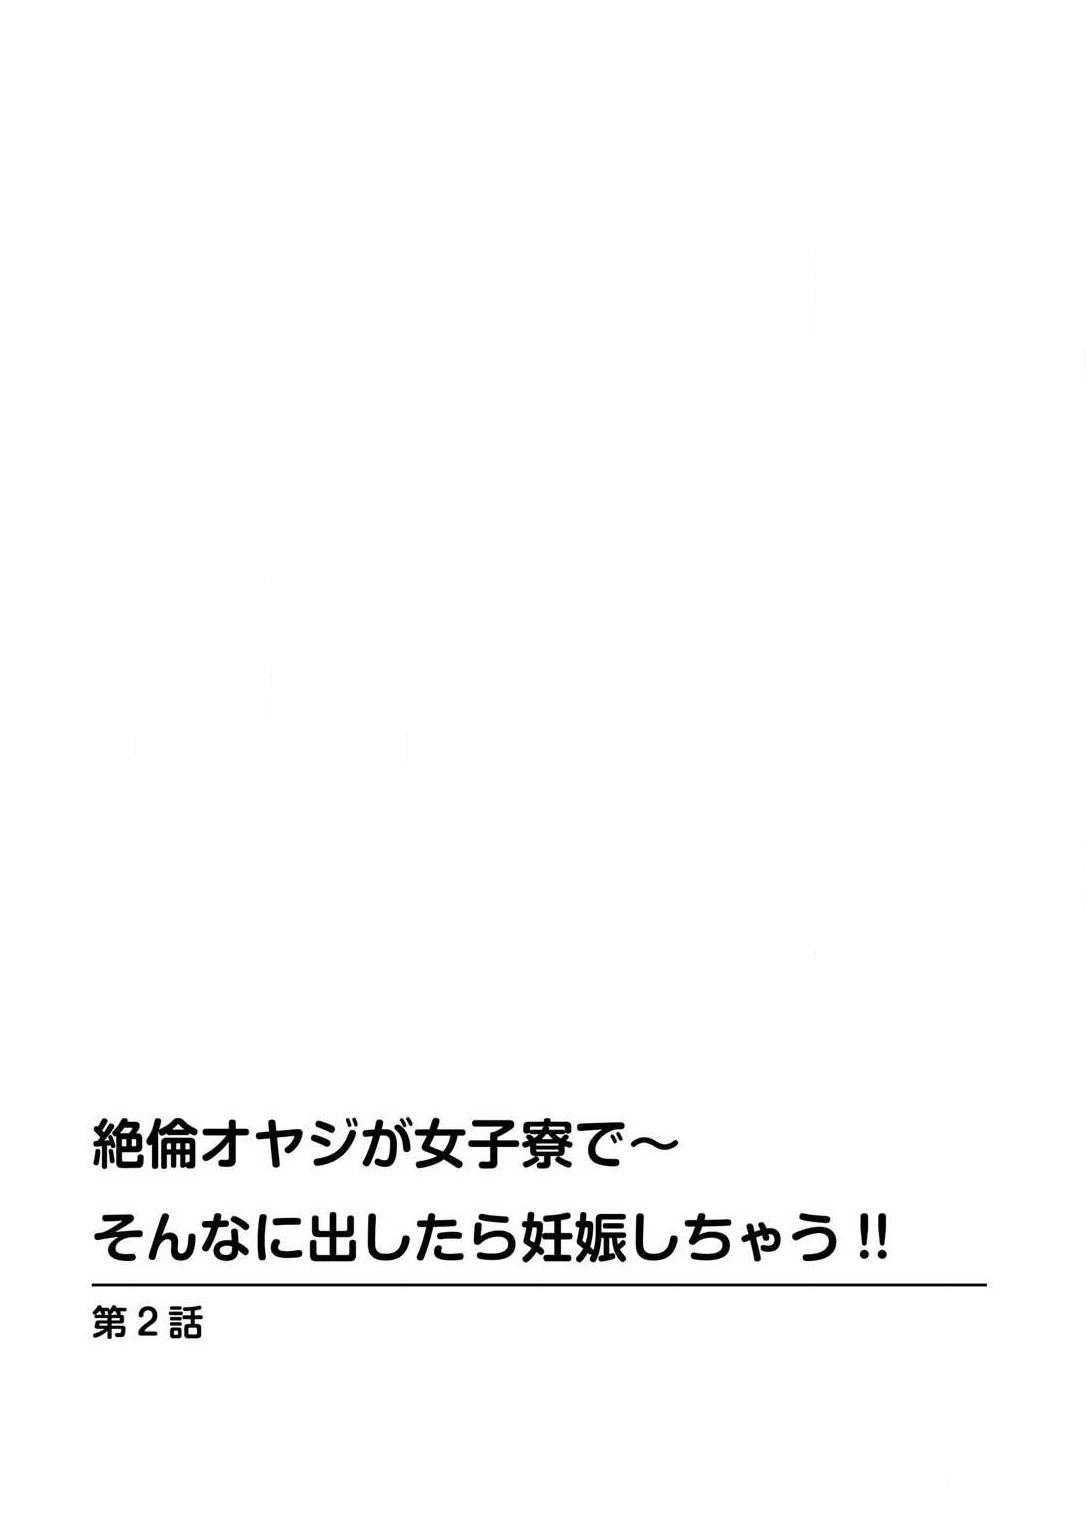 Zetsurin Oyaji ga Joshiryou de ~Sonna ni Dashitara Ninshin shichau!! 1 31